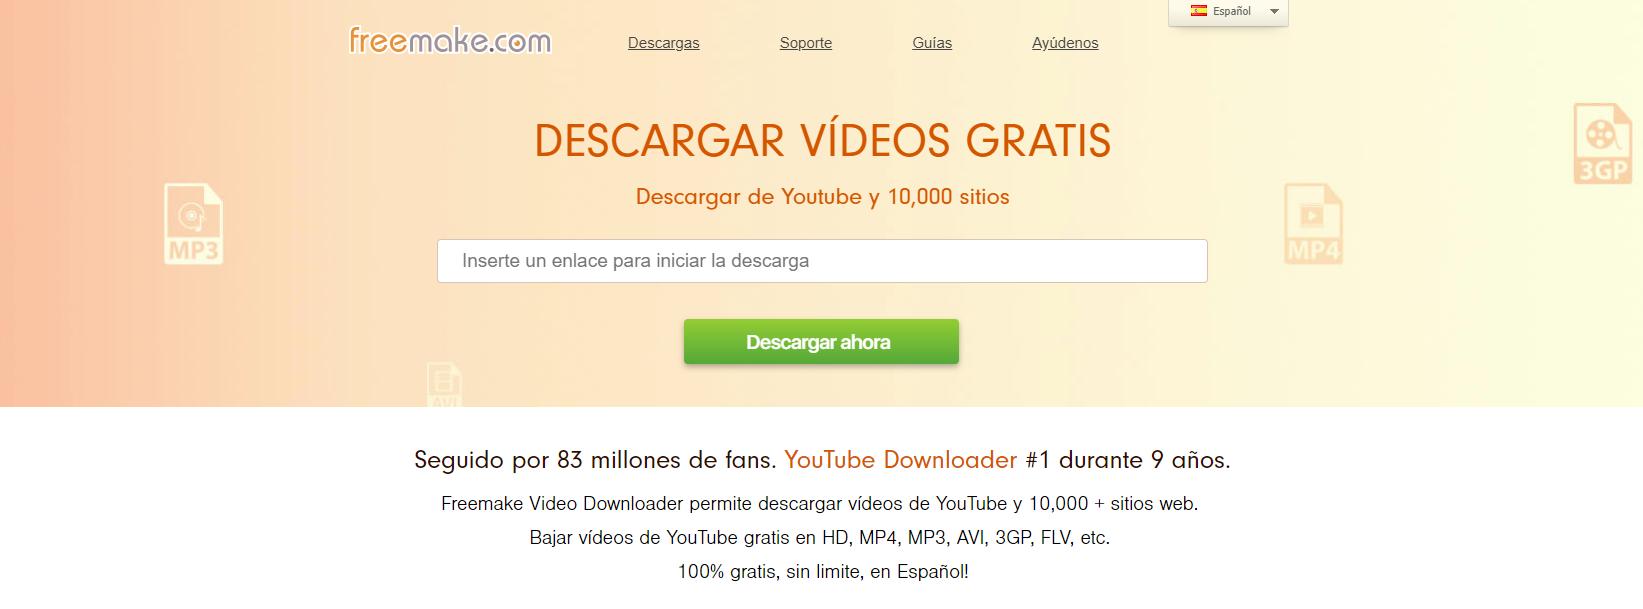 Freemake Video Downloader para descargar música de youtube